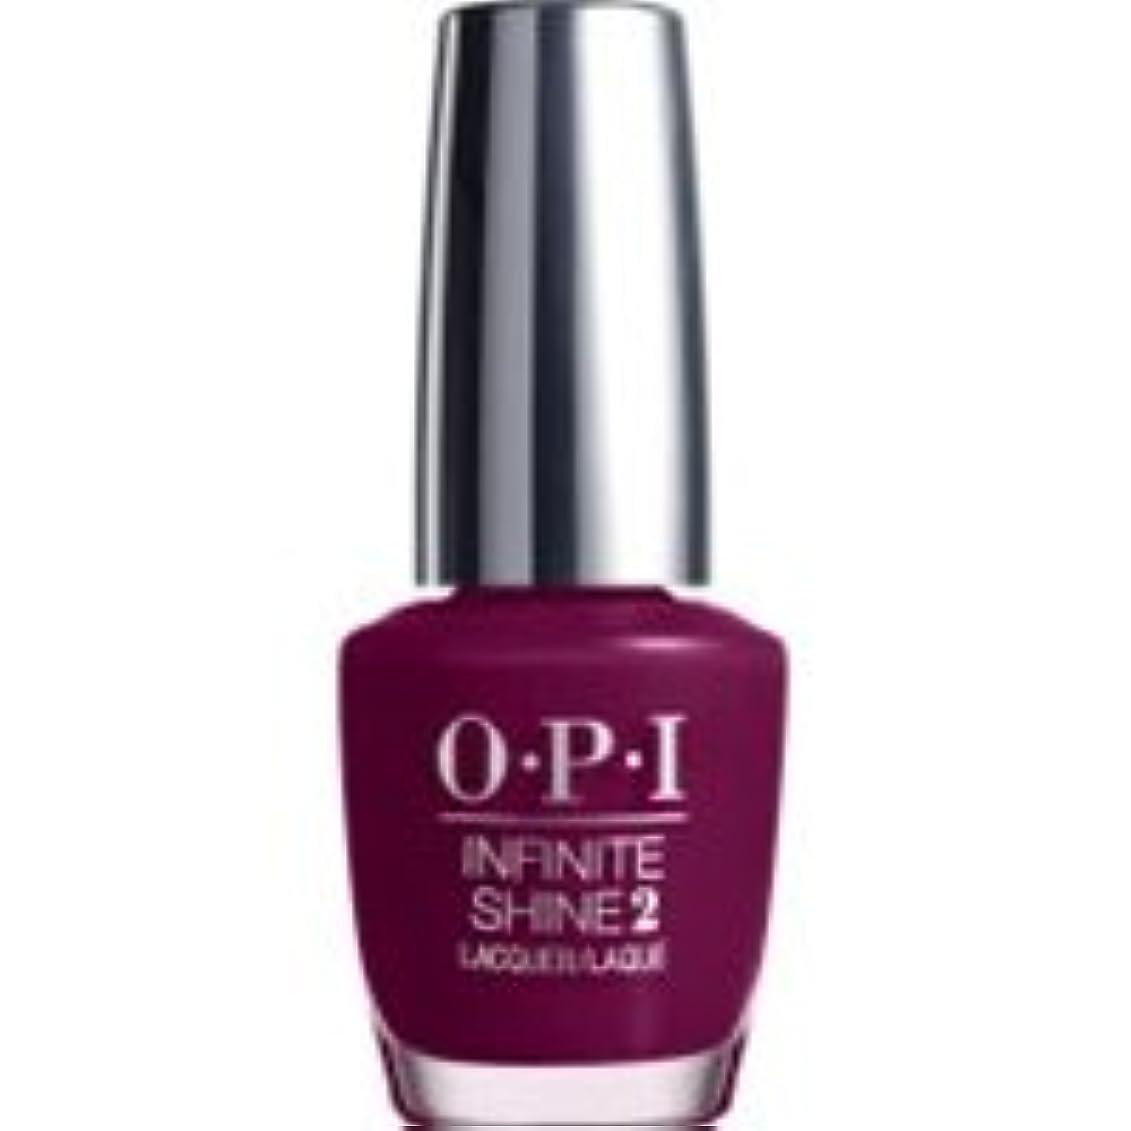 先踏みつけ苦痛O.P.I IS L60 Berry On Forever(ベリーオンフォーエバー) #Berry On Forever